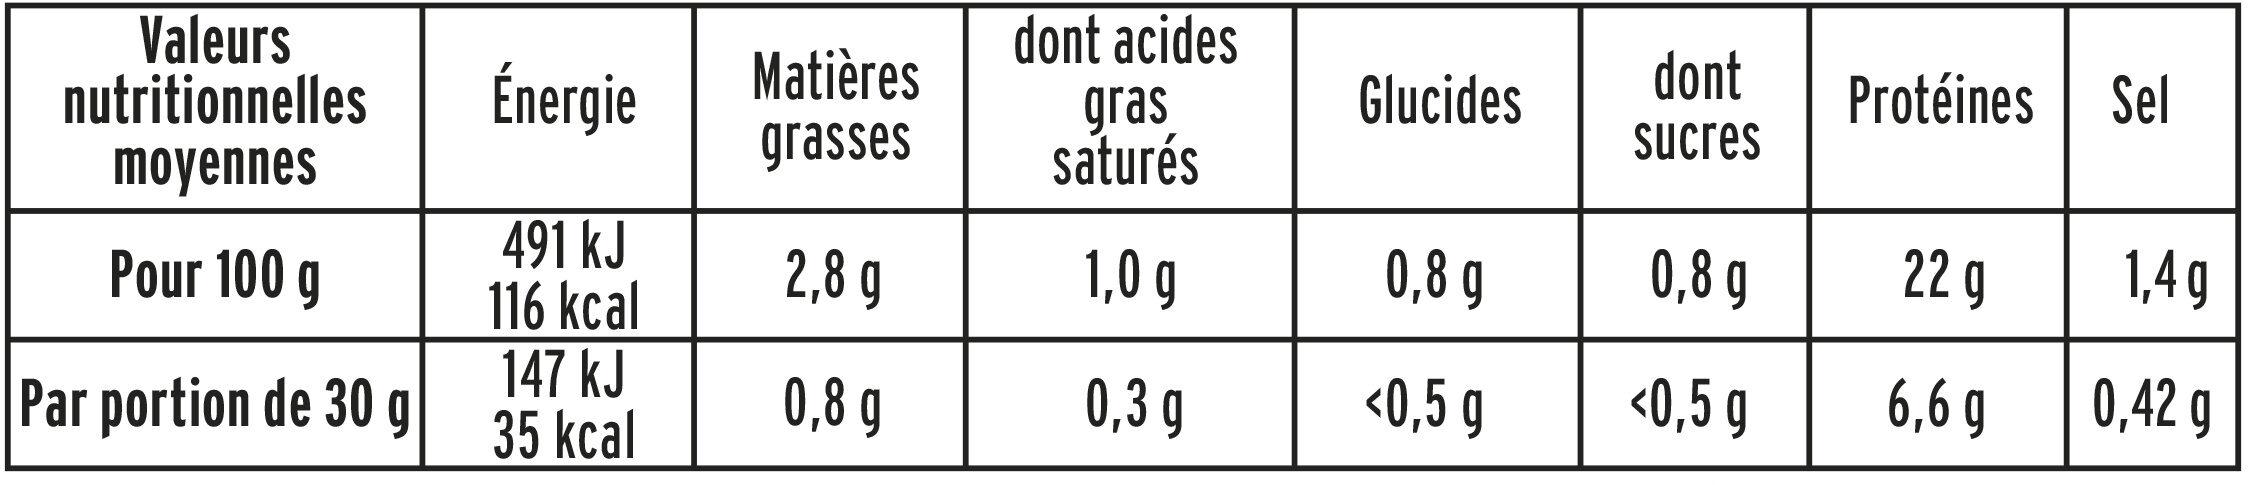 Le supérieur cuit à l'étouffée - tranches fines - 25% de sel* - 8 tranches - Nutrition facts - fr